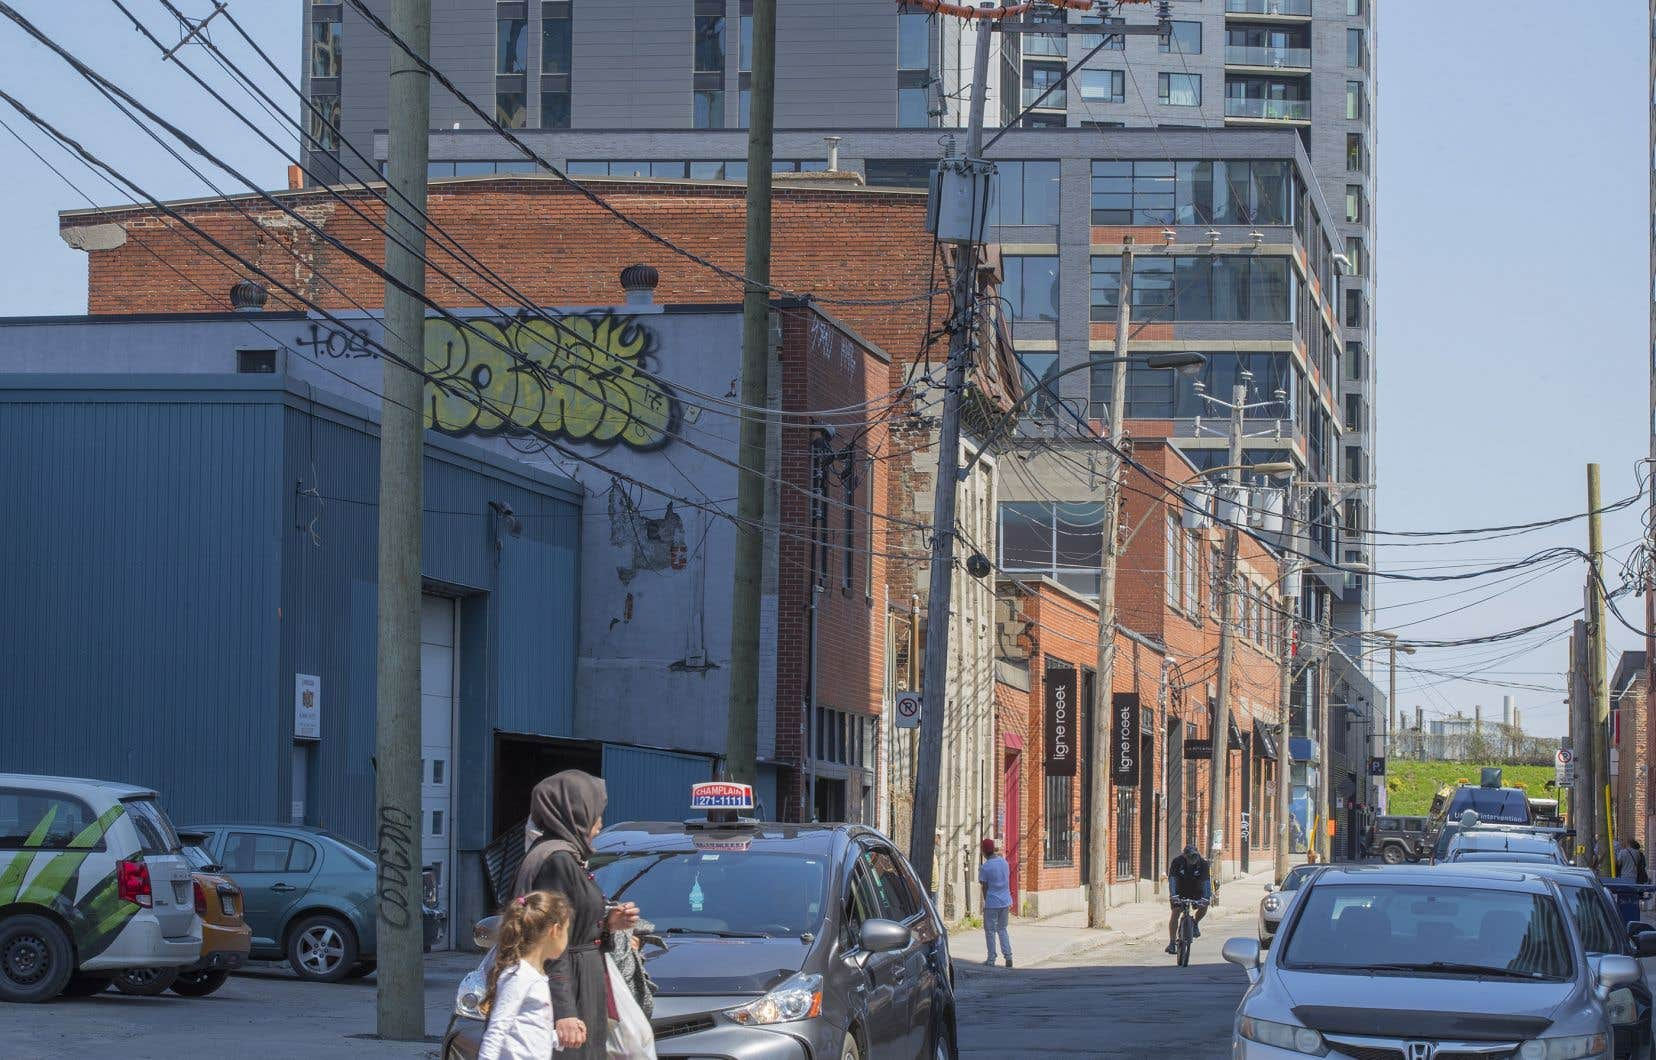 À Griffintown et dans d'autres secteurs urbains densément habités, la COVID-19 exerce des pressions sur la vie citadine tout en exacerbant les inégalités sociales déjà existantes.